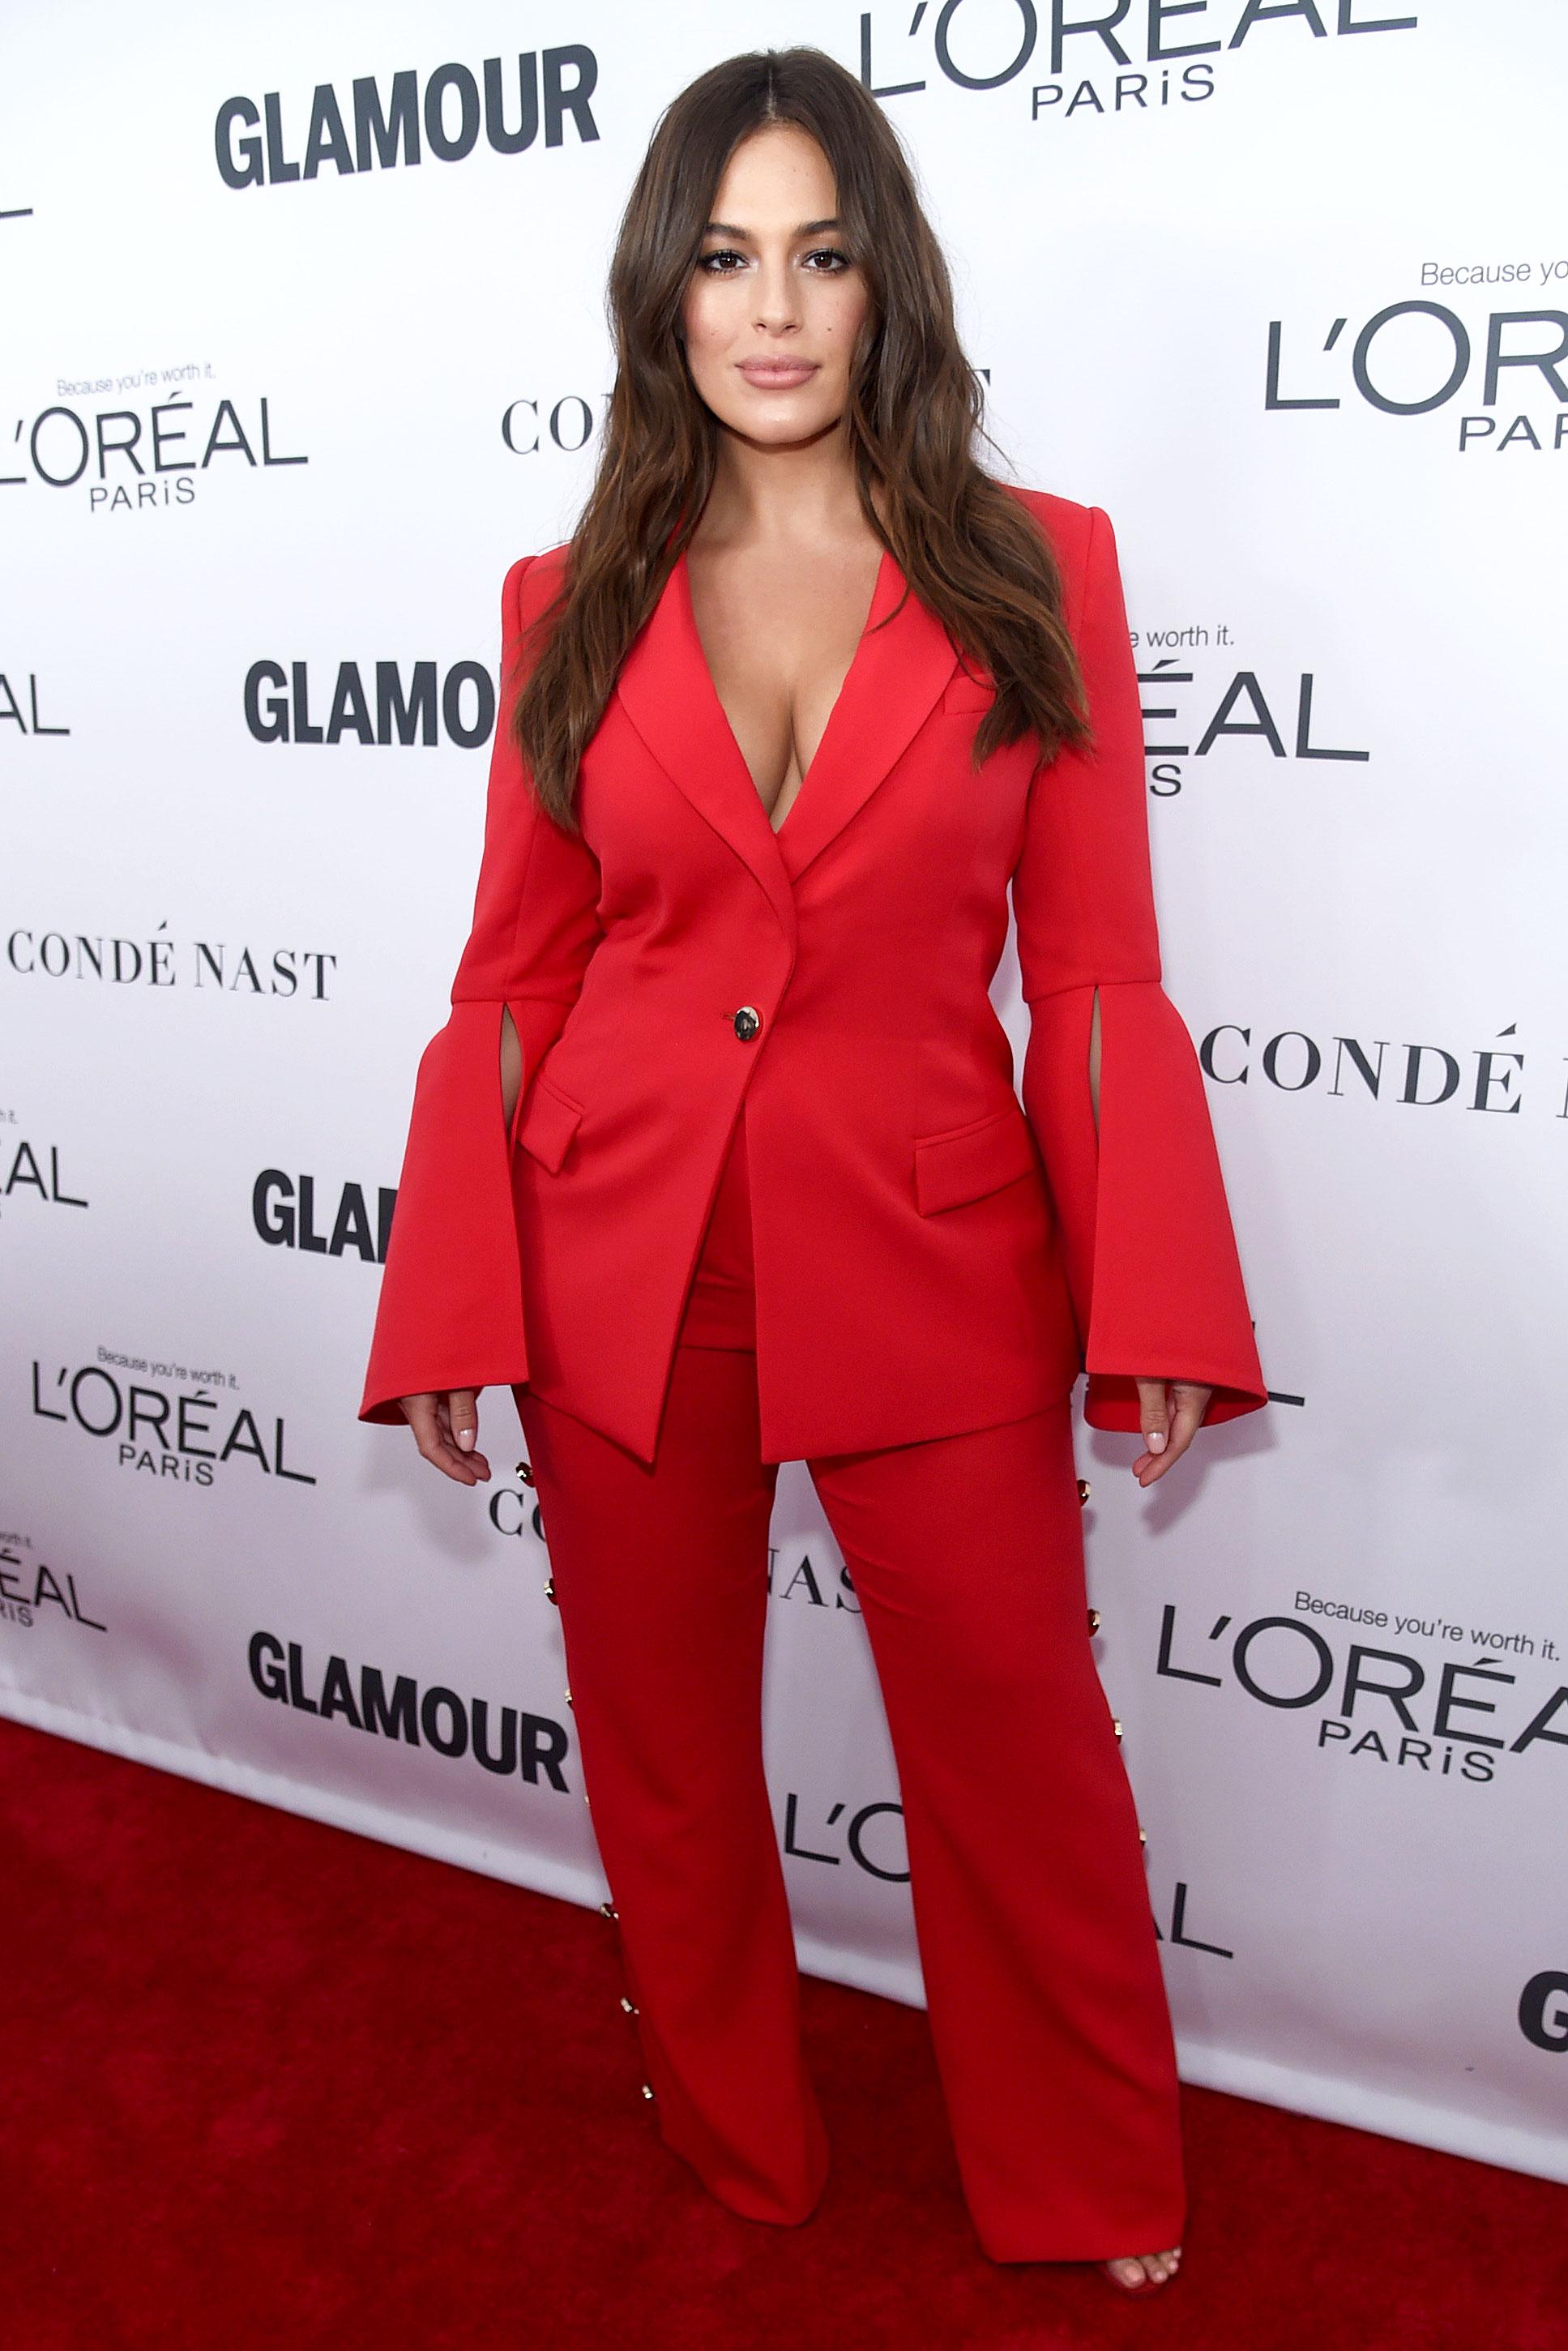 بدلة رسمية باللون الأحمر تألقت بها آشلي غراهام